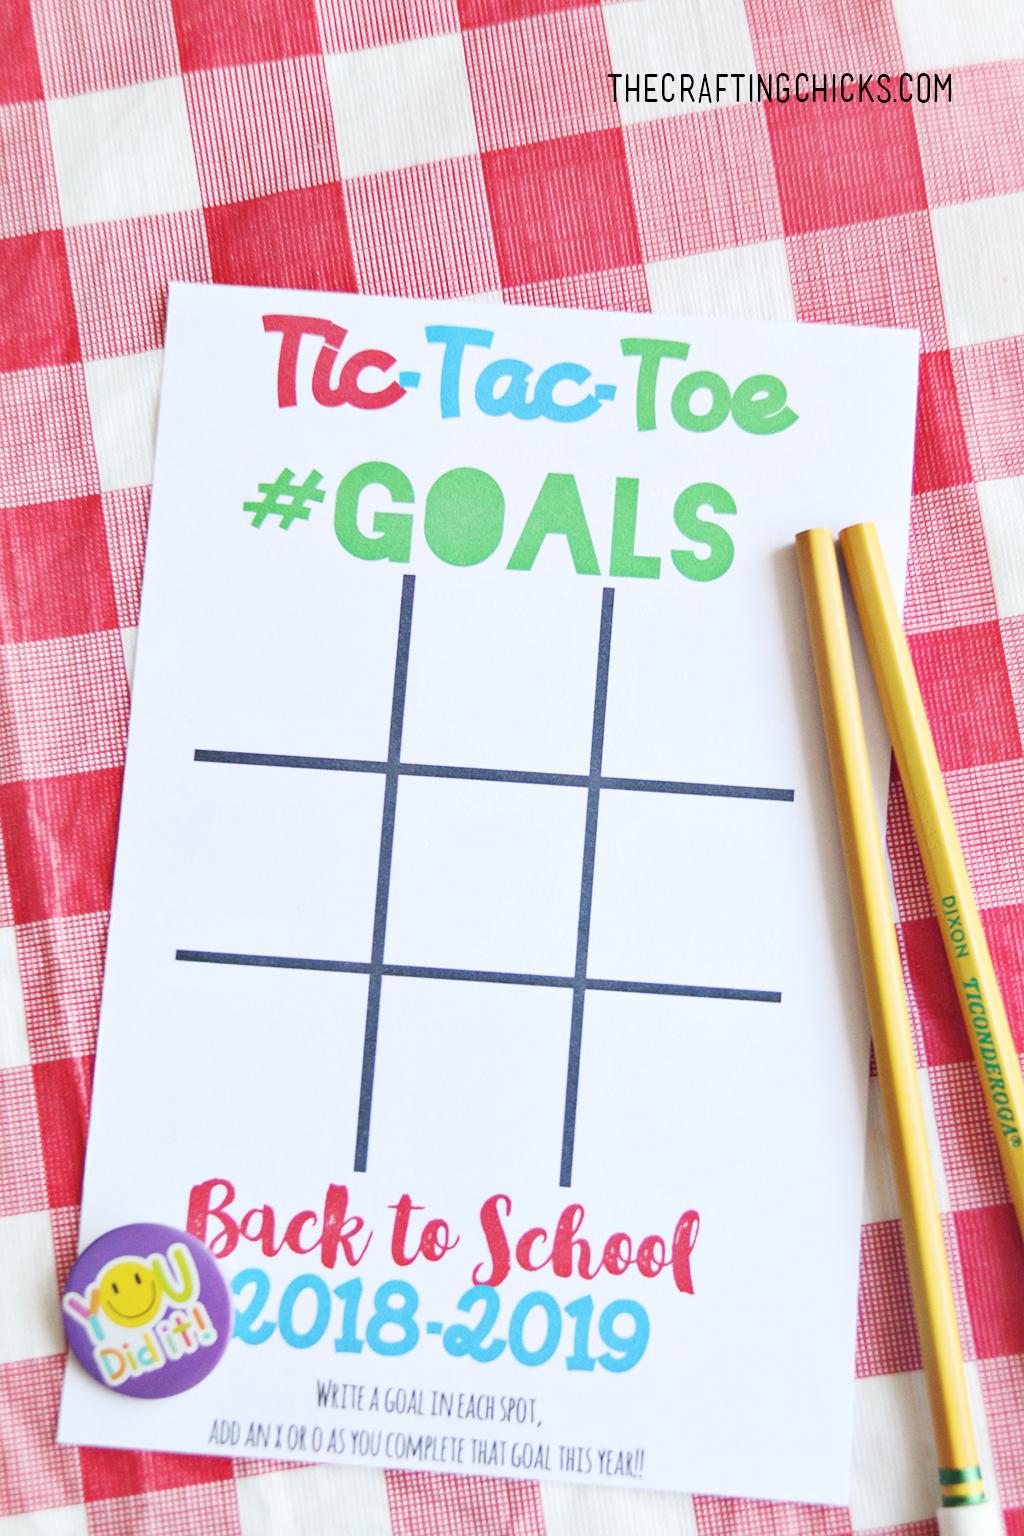 Back To School Goal Setting Tic Tac Toe